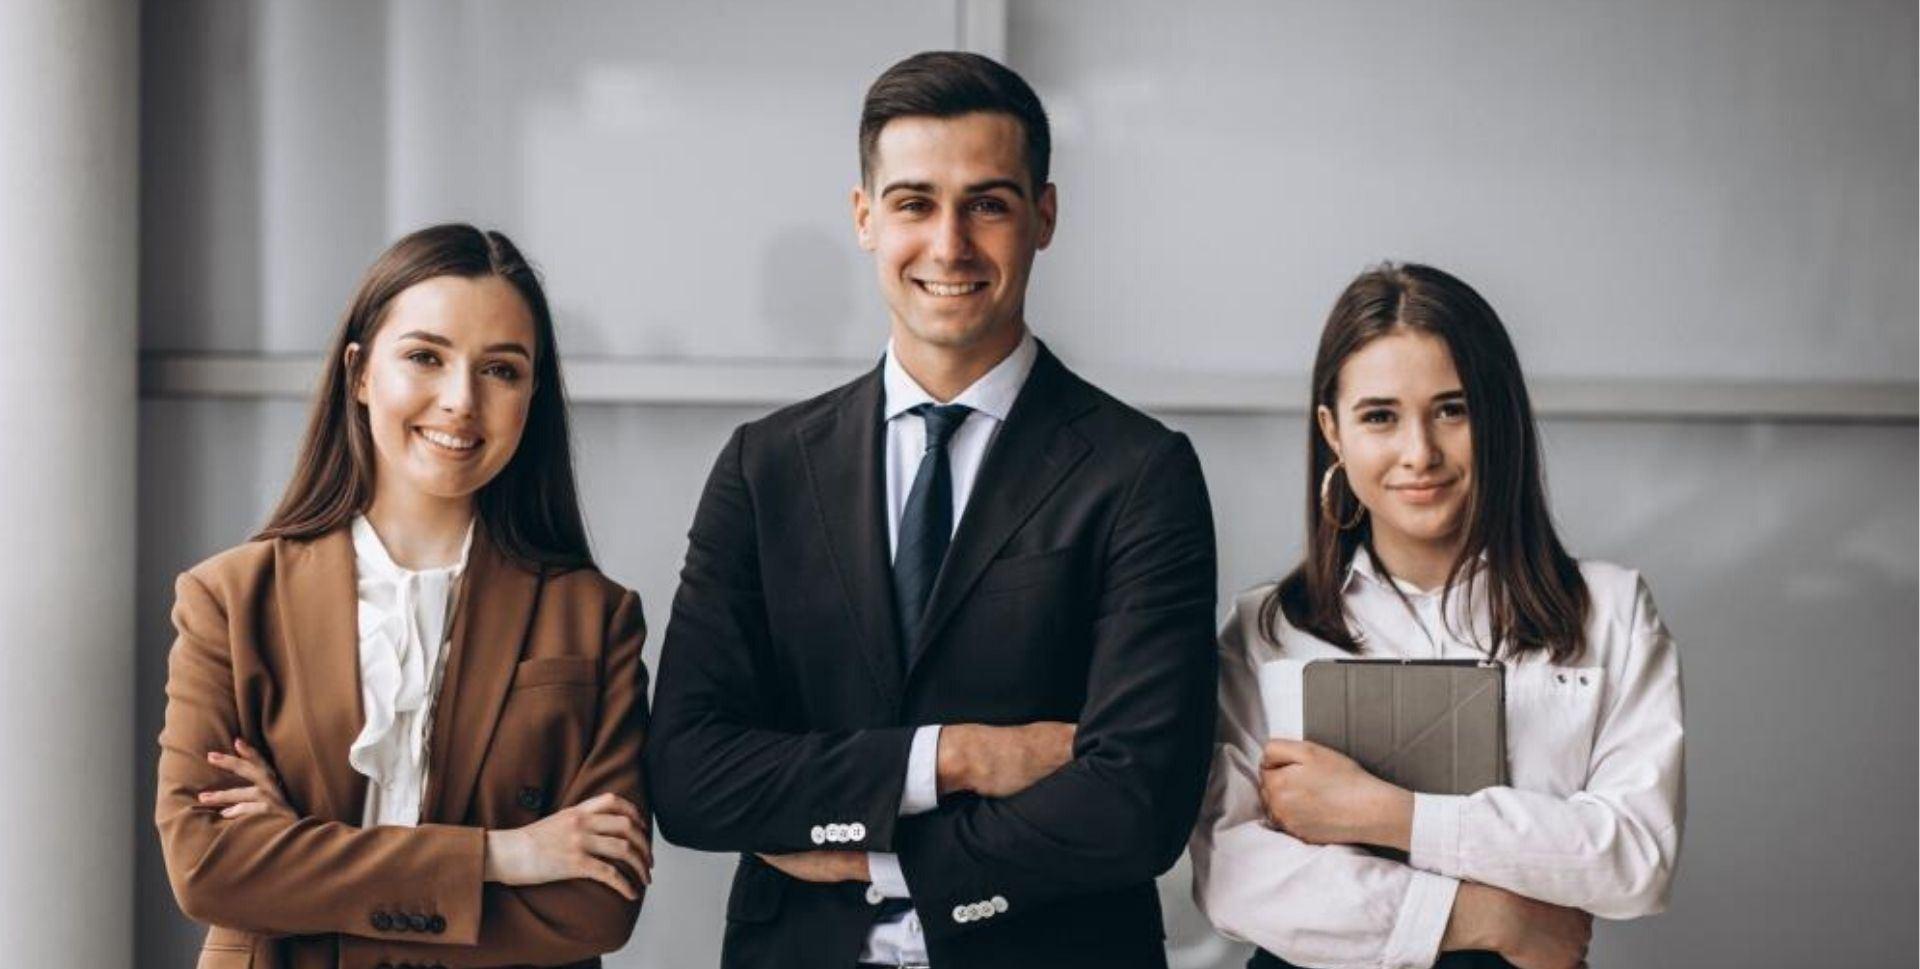 Kto się kwalifikuje do Workplace Pension?